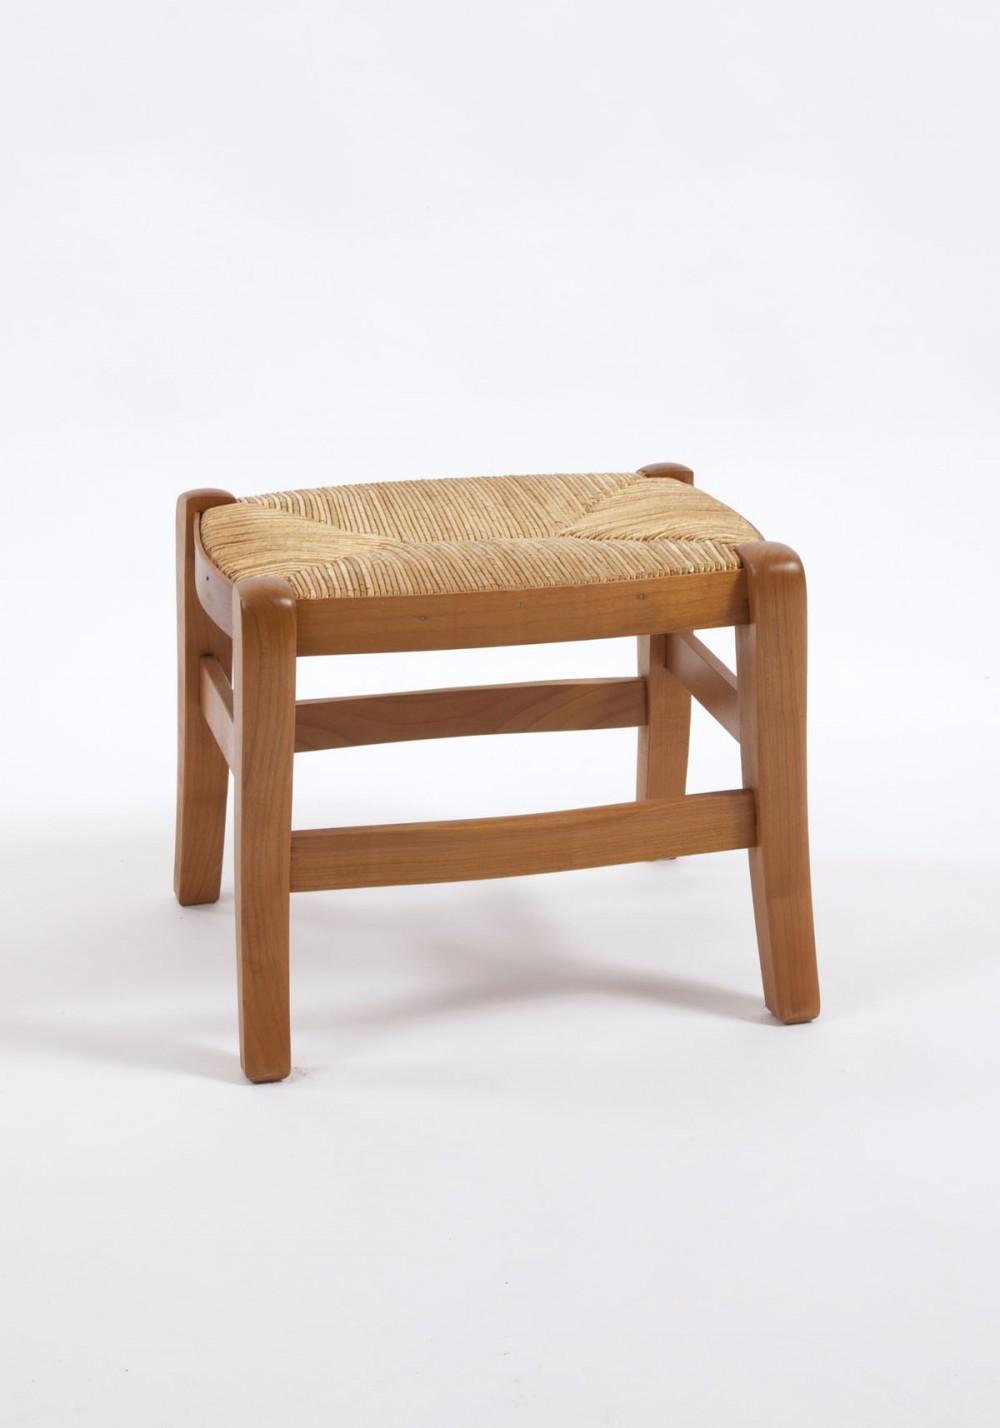 banc de pied louis philippe en ch ne merisier ou noyer la chaise artisanale. Black Bedroom Furniture Sets. Home Design Ideas